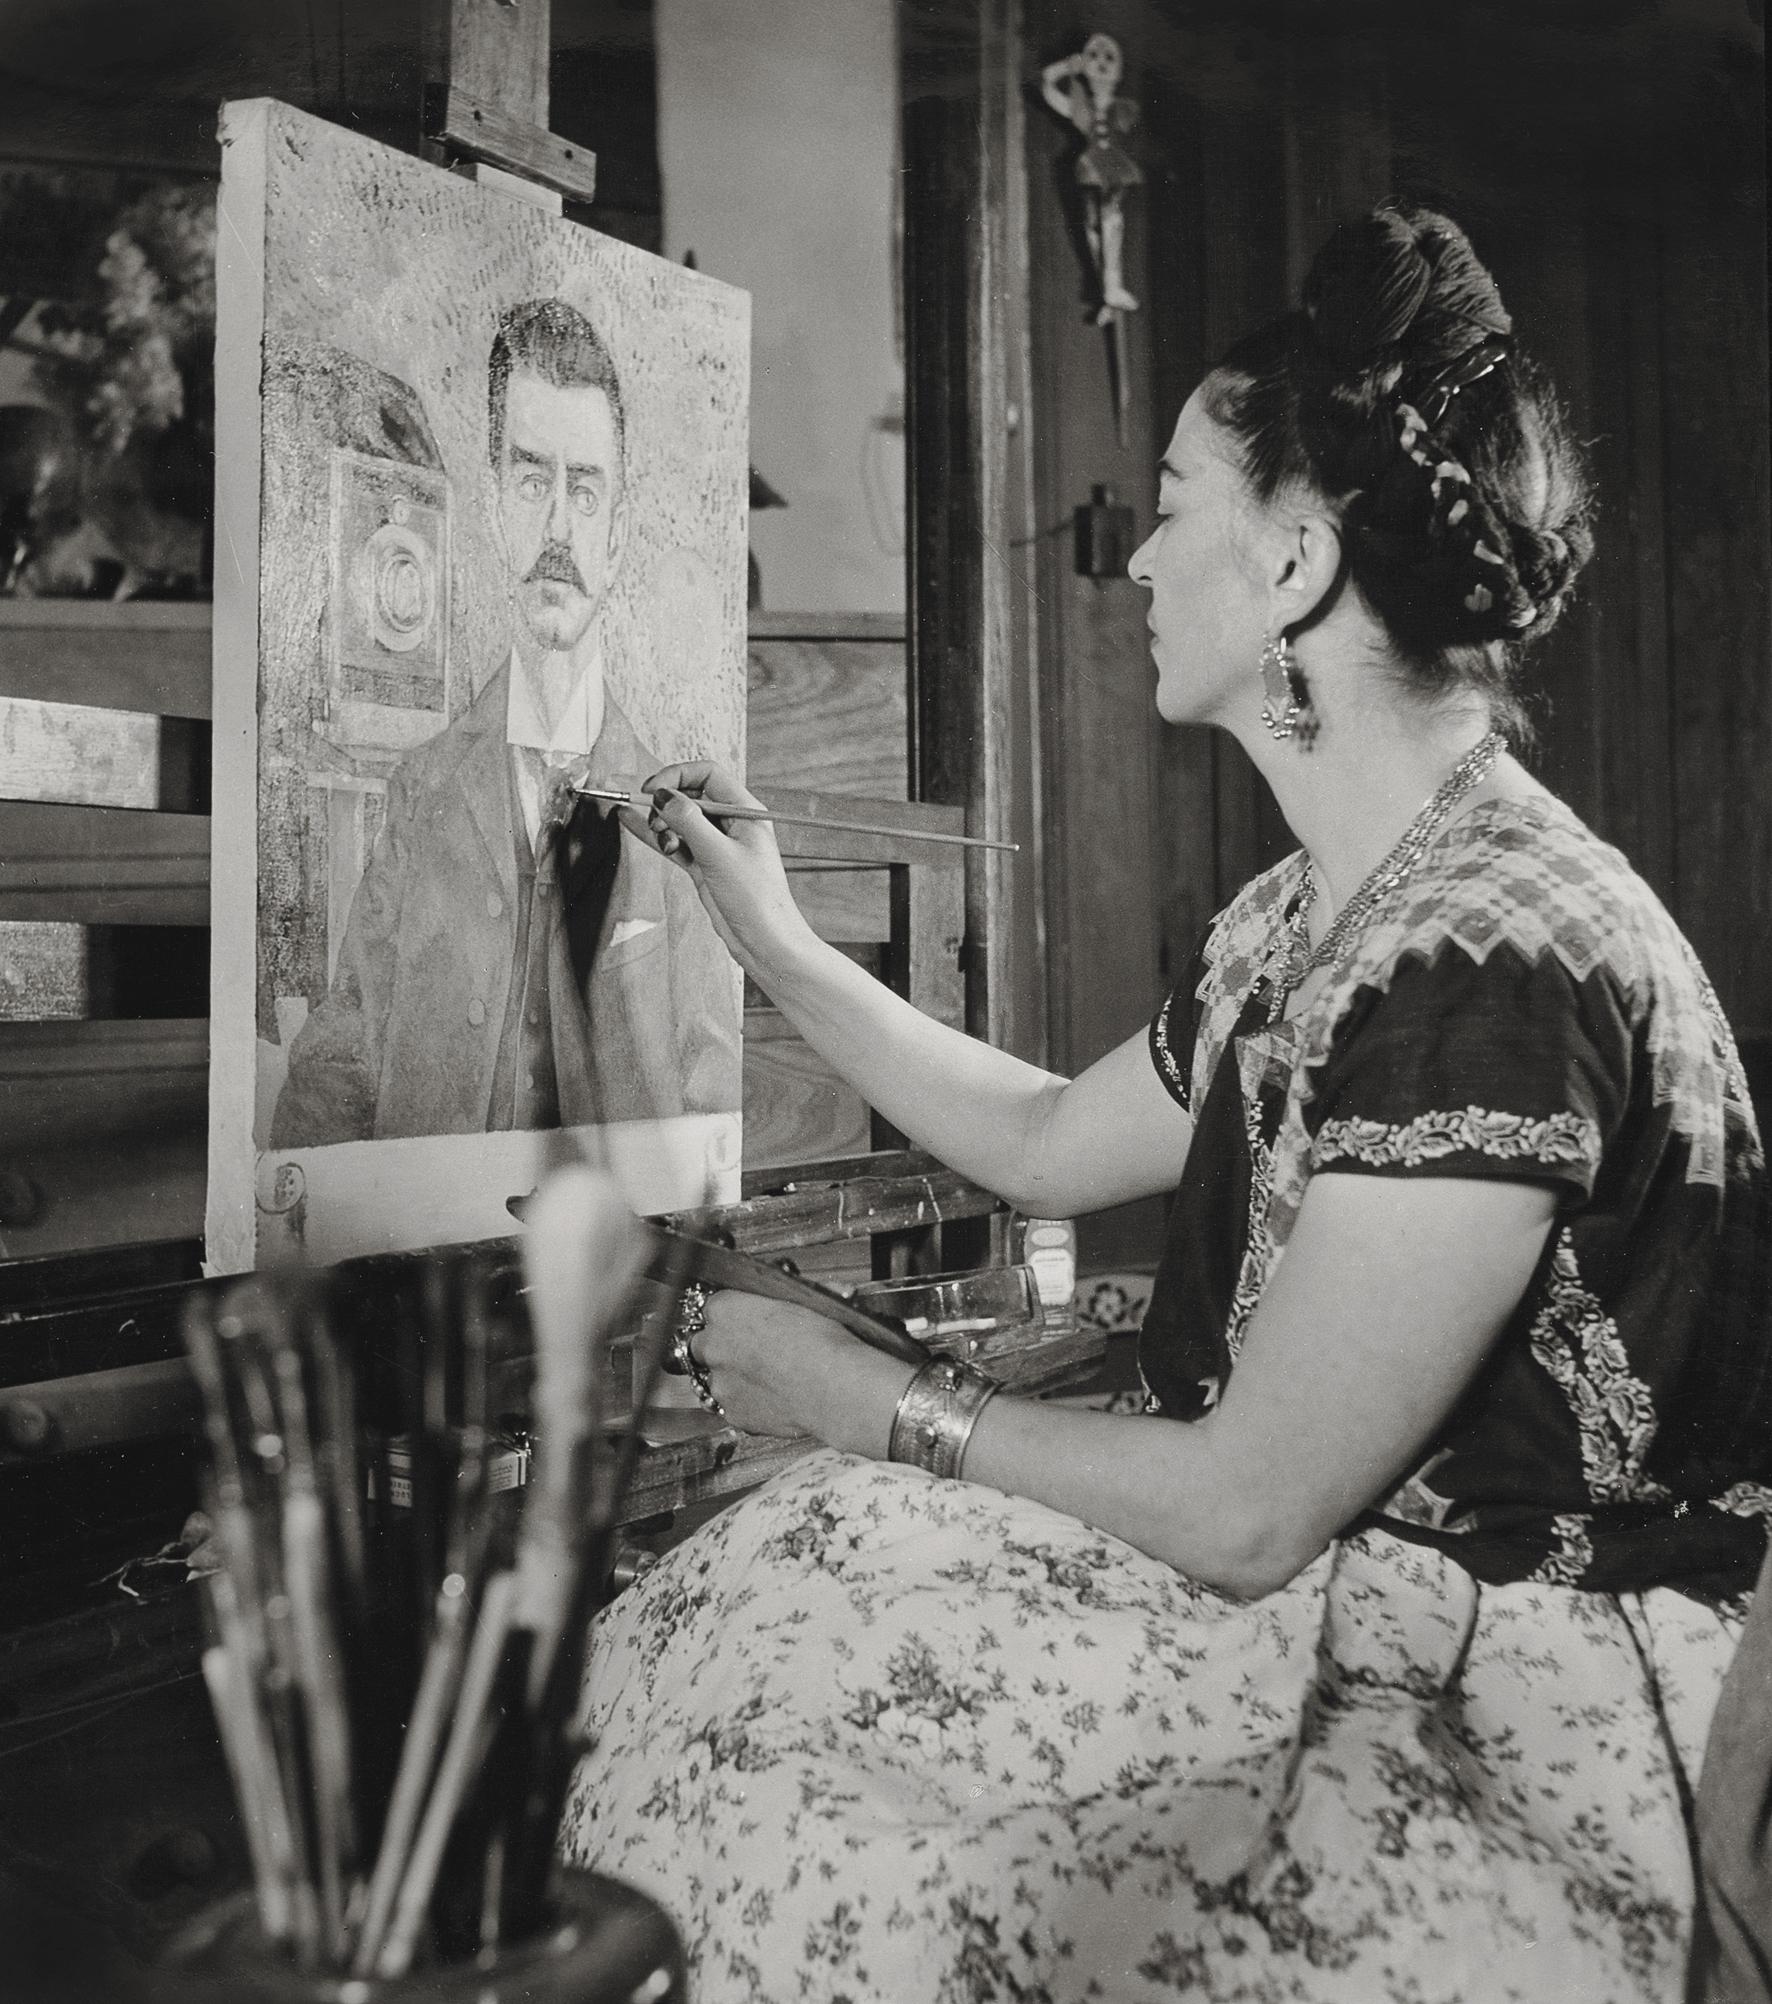 Frida  pintando  o  retrato  de  seu  pai, por  Gisèle  Freund,  1951  ©  Museu  Frida  Kahlo